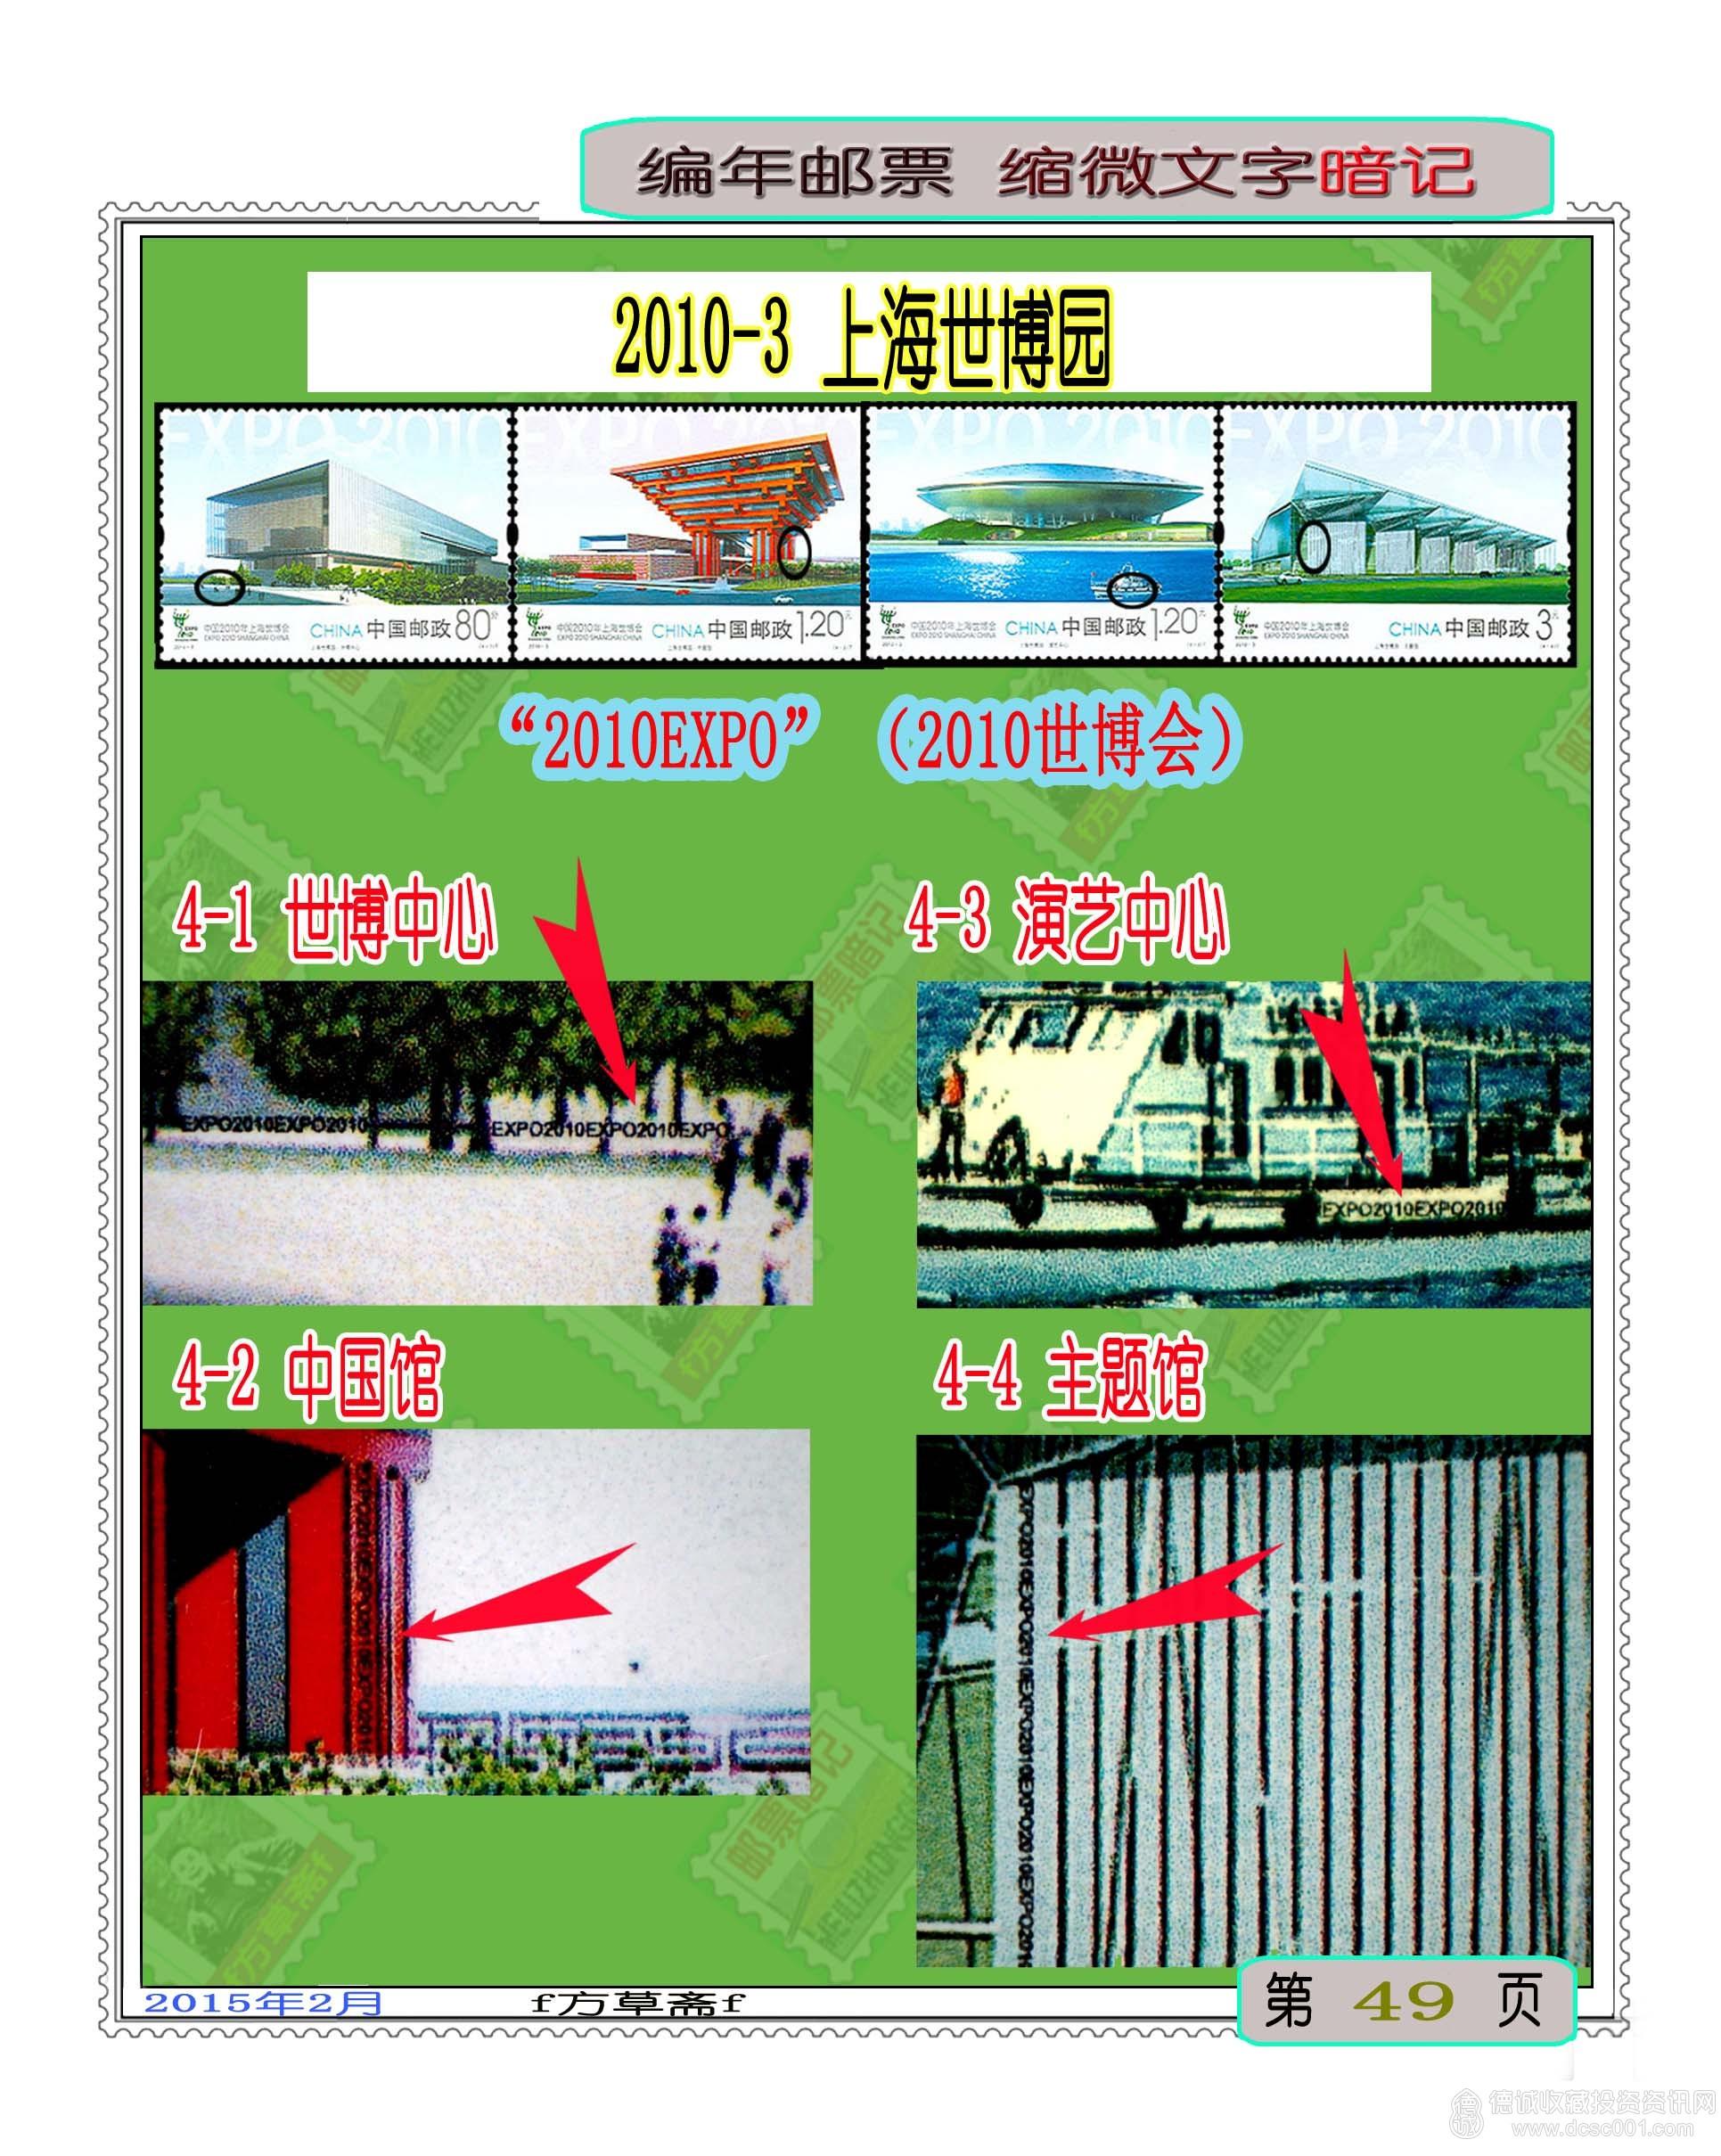 2010-3 上海世博园.jpg